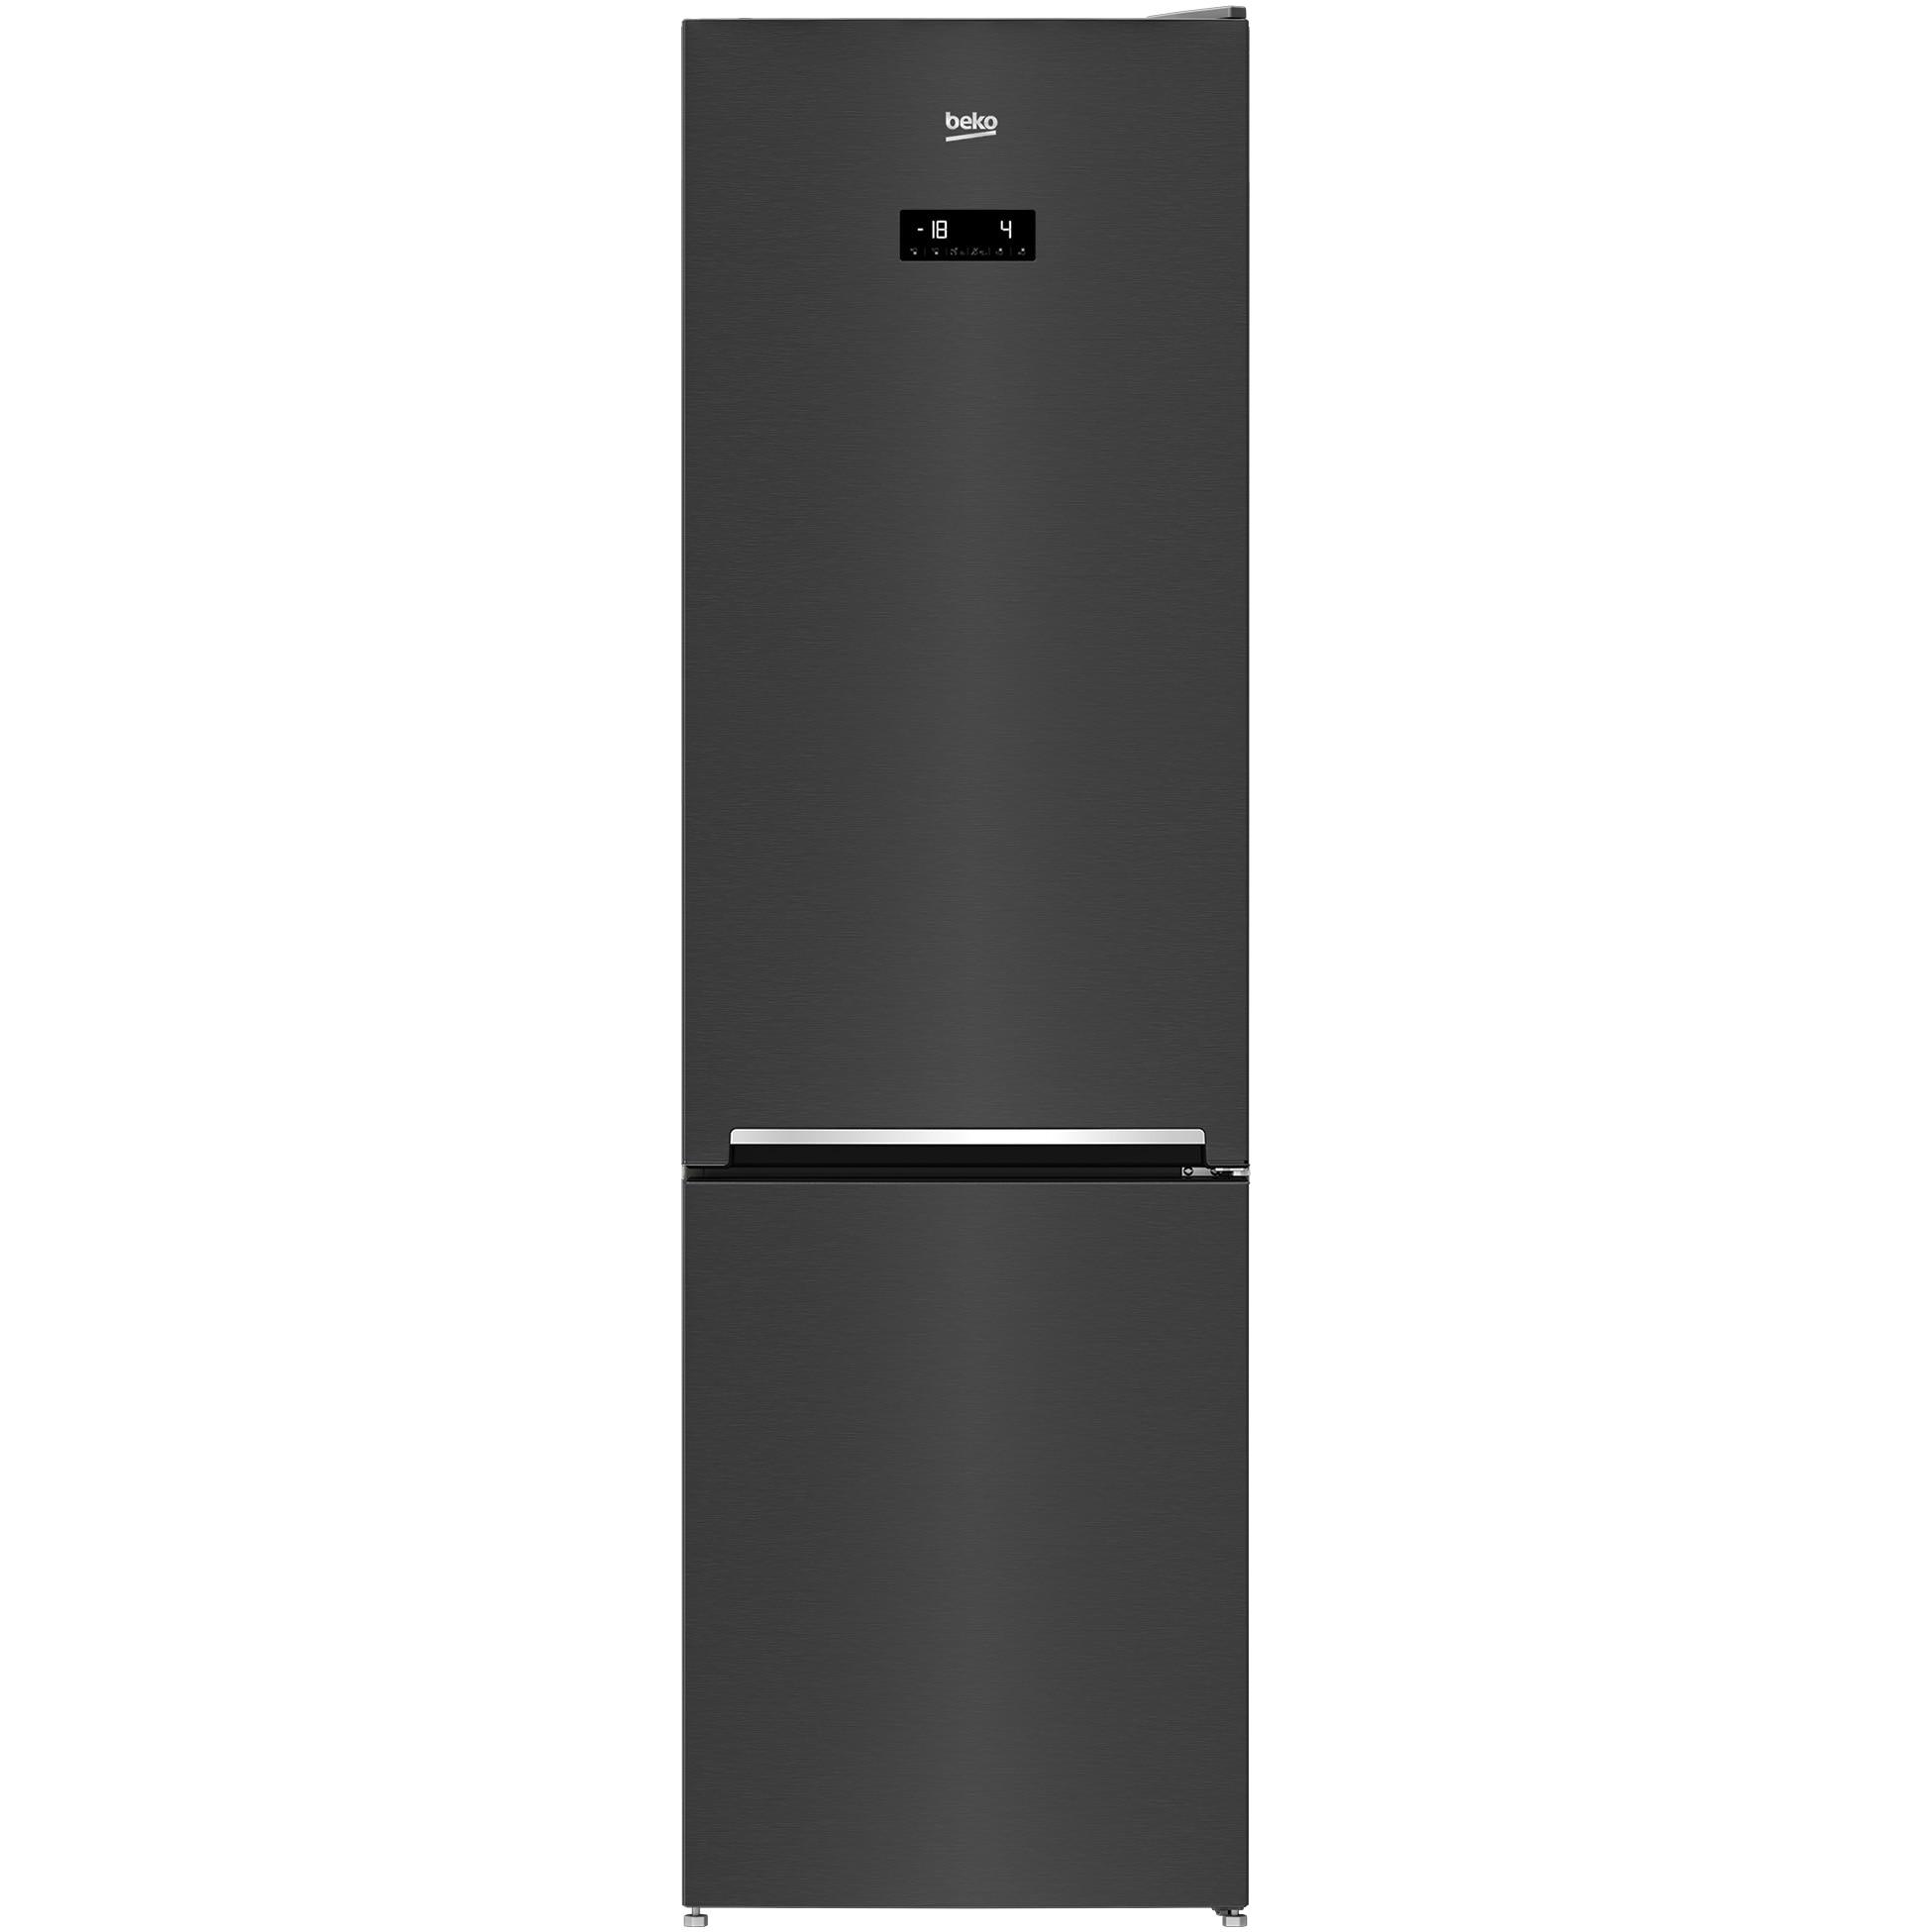 Fotografie Combina frigorifica Beko RCNA406E40ZXBRN, HarvestFresh™, NeoFrost™ Dual Cooling, 362 L, Compartiment 0°C, Suport sticle, Clasa E, H 203 cm, Dark Inox